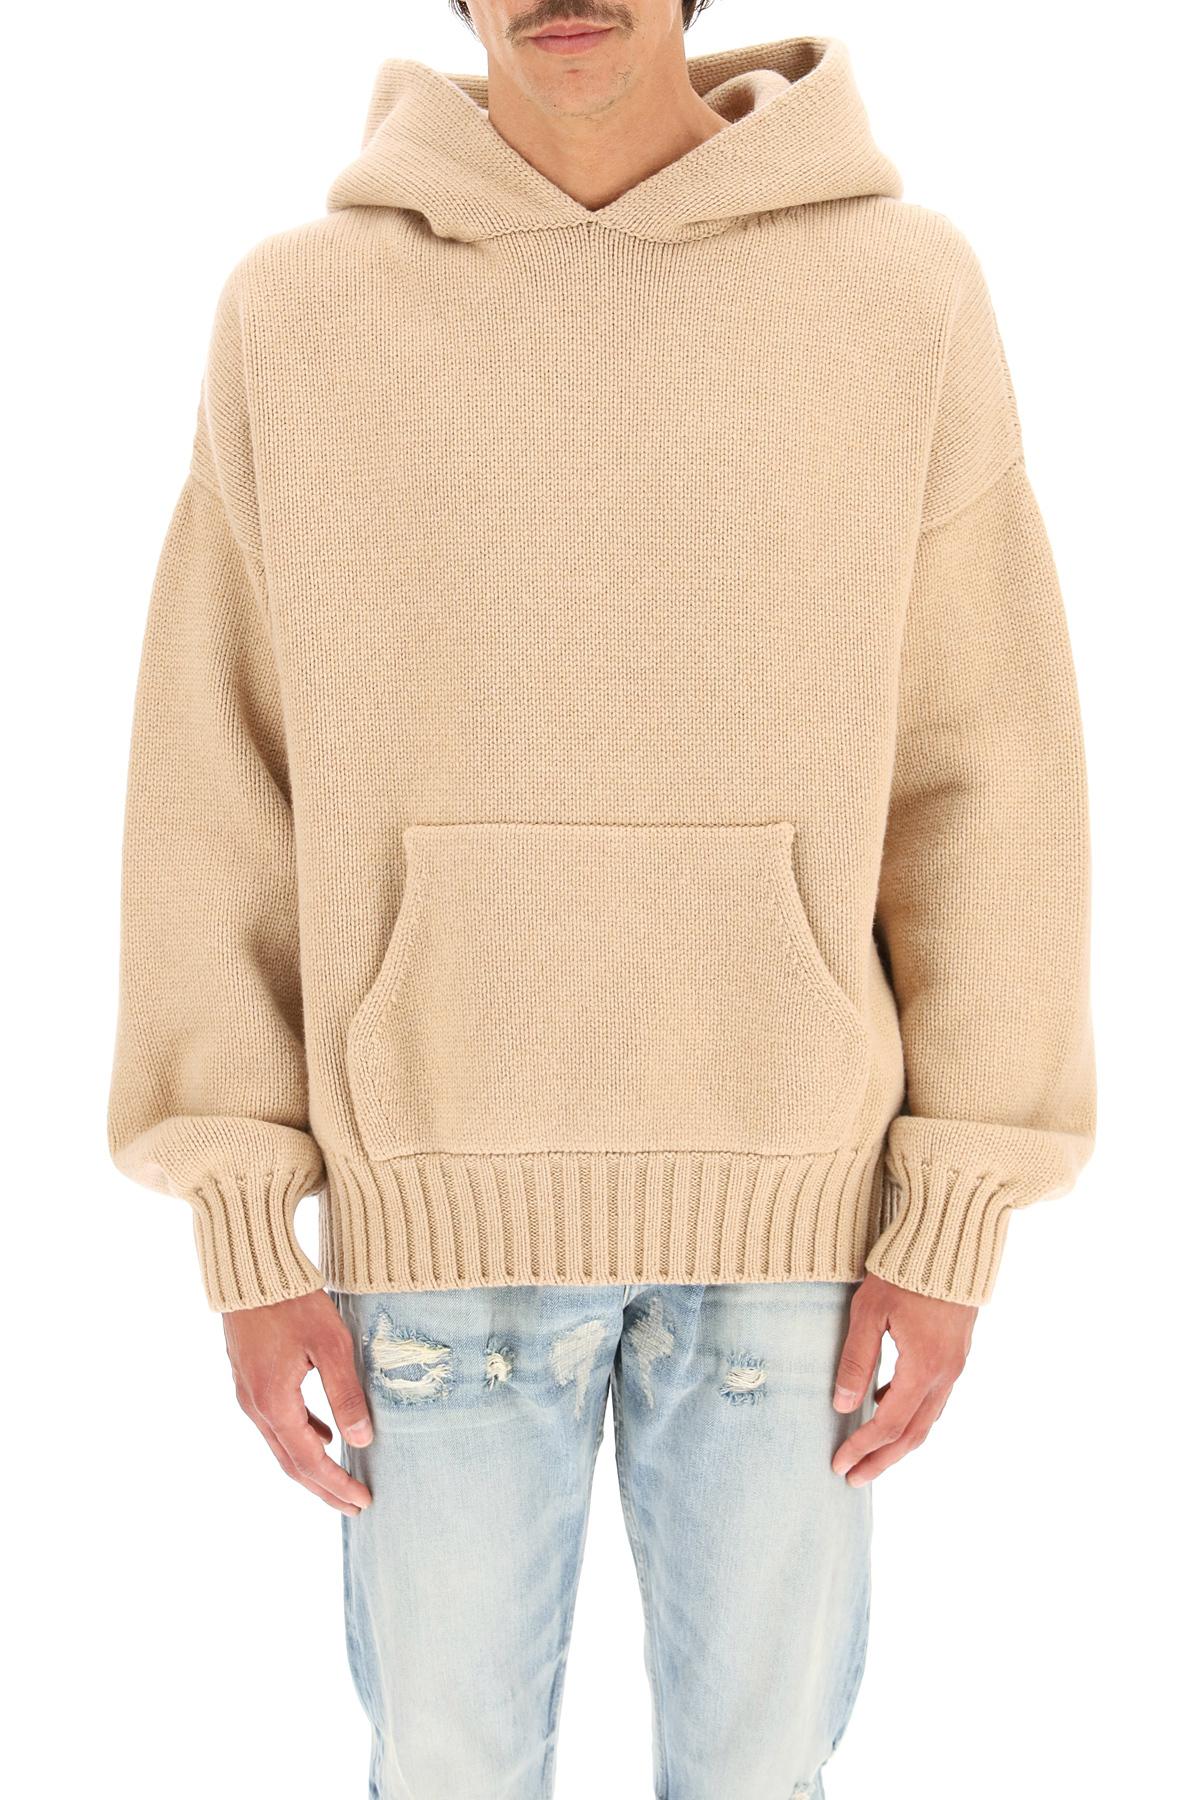 Fear of god pullover in lana con cappuccio